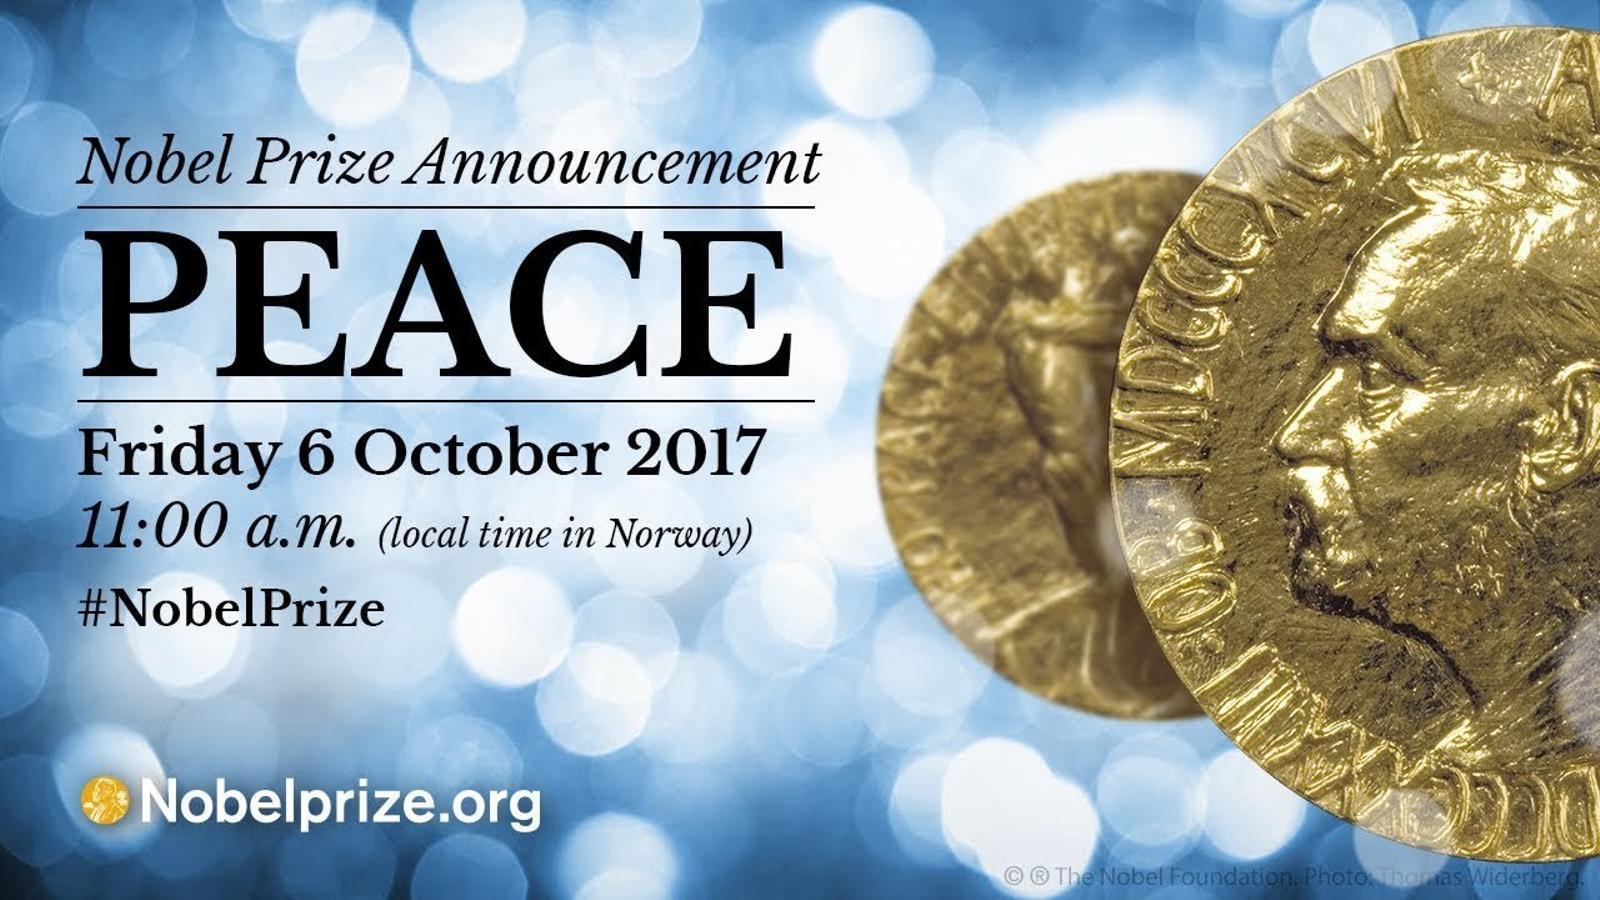 Anunci del Premi Nobel de la Pau, aquest divendres al matí a Noruega